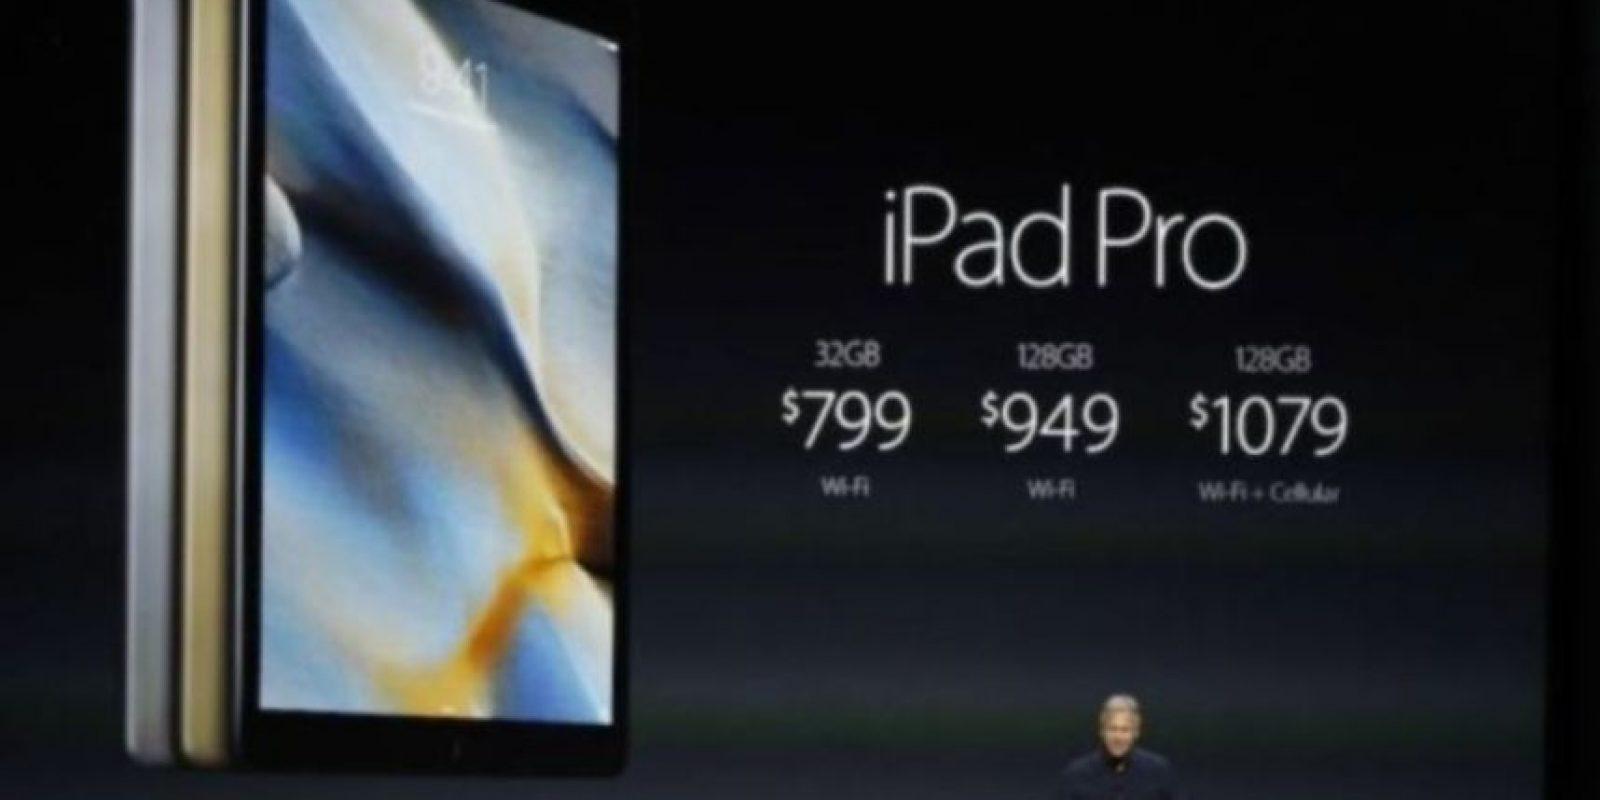 Precio: 799 dólares (32GB + Wi-Fi), 949 dólares (128GB + Wi-Fi) y mil 79 dólares (128GB + W-iFi). Foto:Getty Images